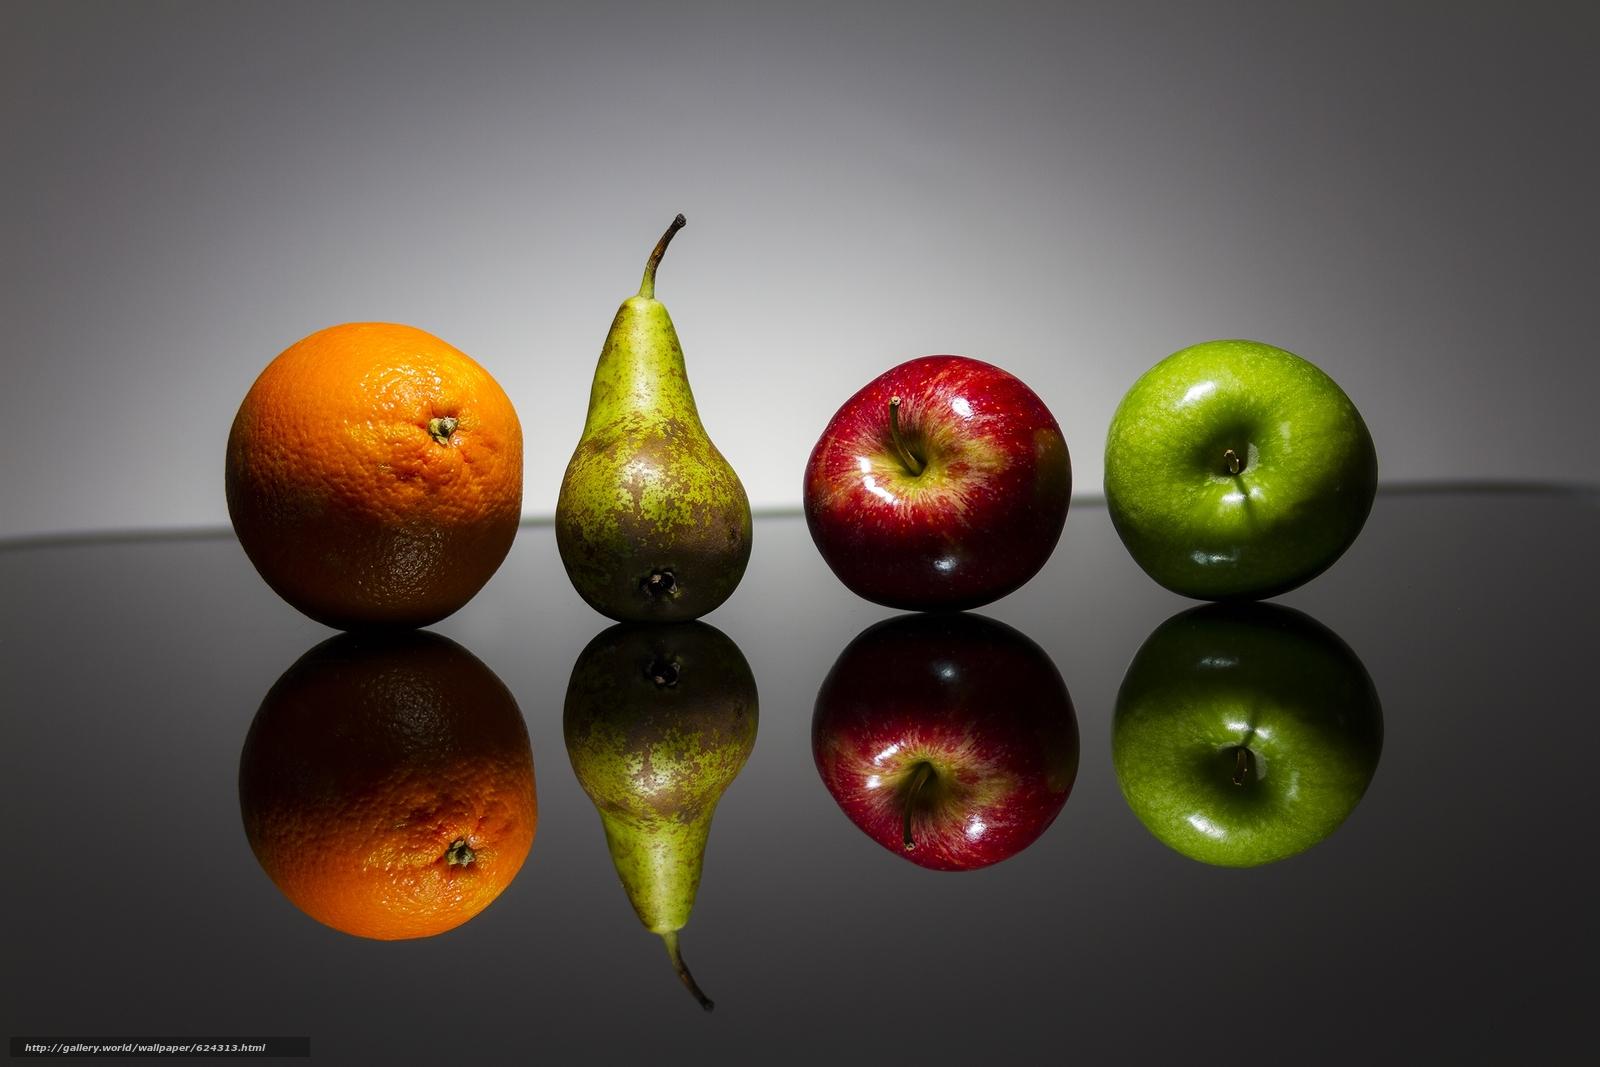 Скачать на телефон обои фото картинку на тему фрукты, яблоки, груша, апельсин, разширение 2592x1728